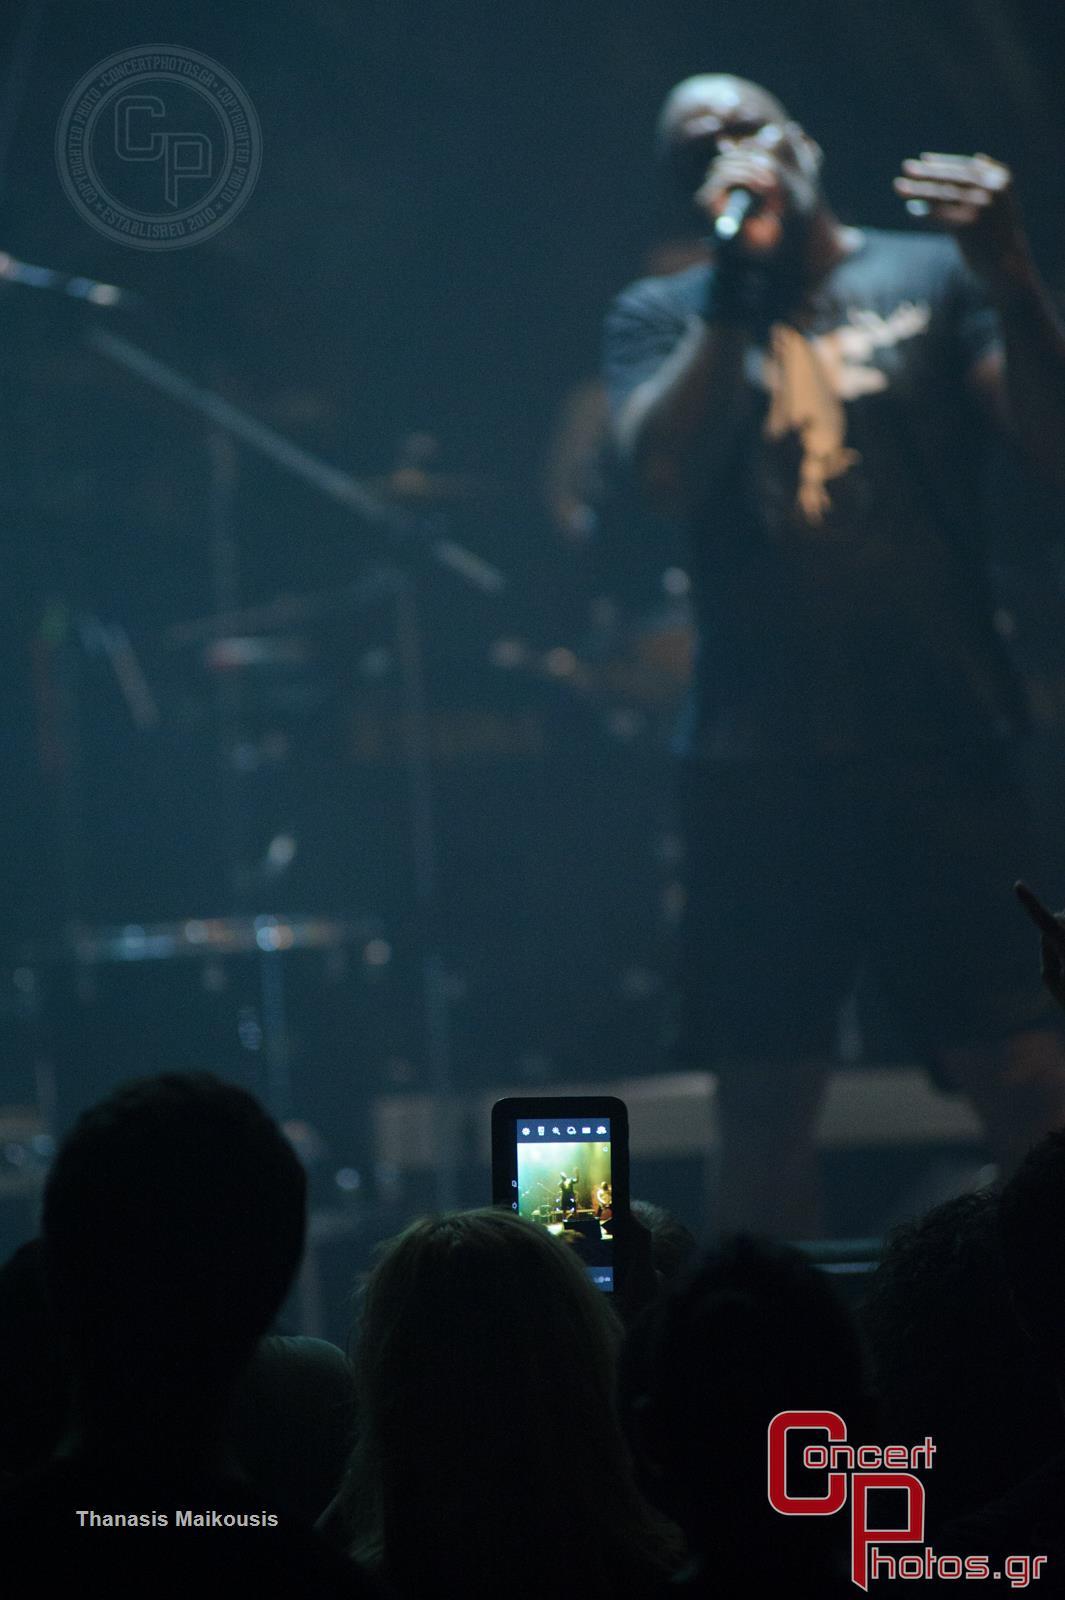 Sepultura-Sepultira photographer: Thanasis Maikousis - concertphotos_20140703_23_18_51